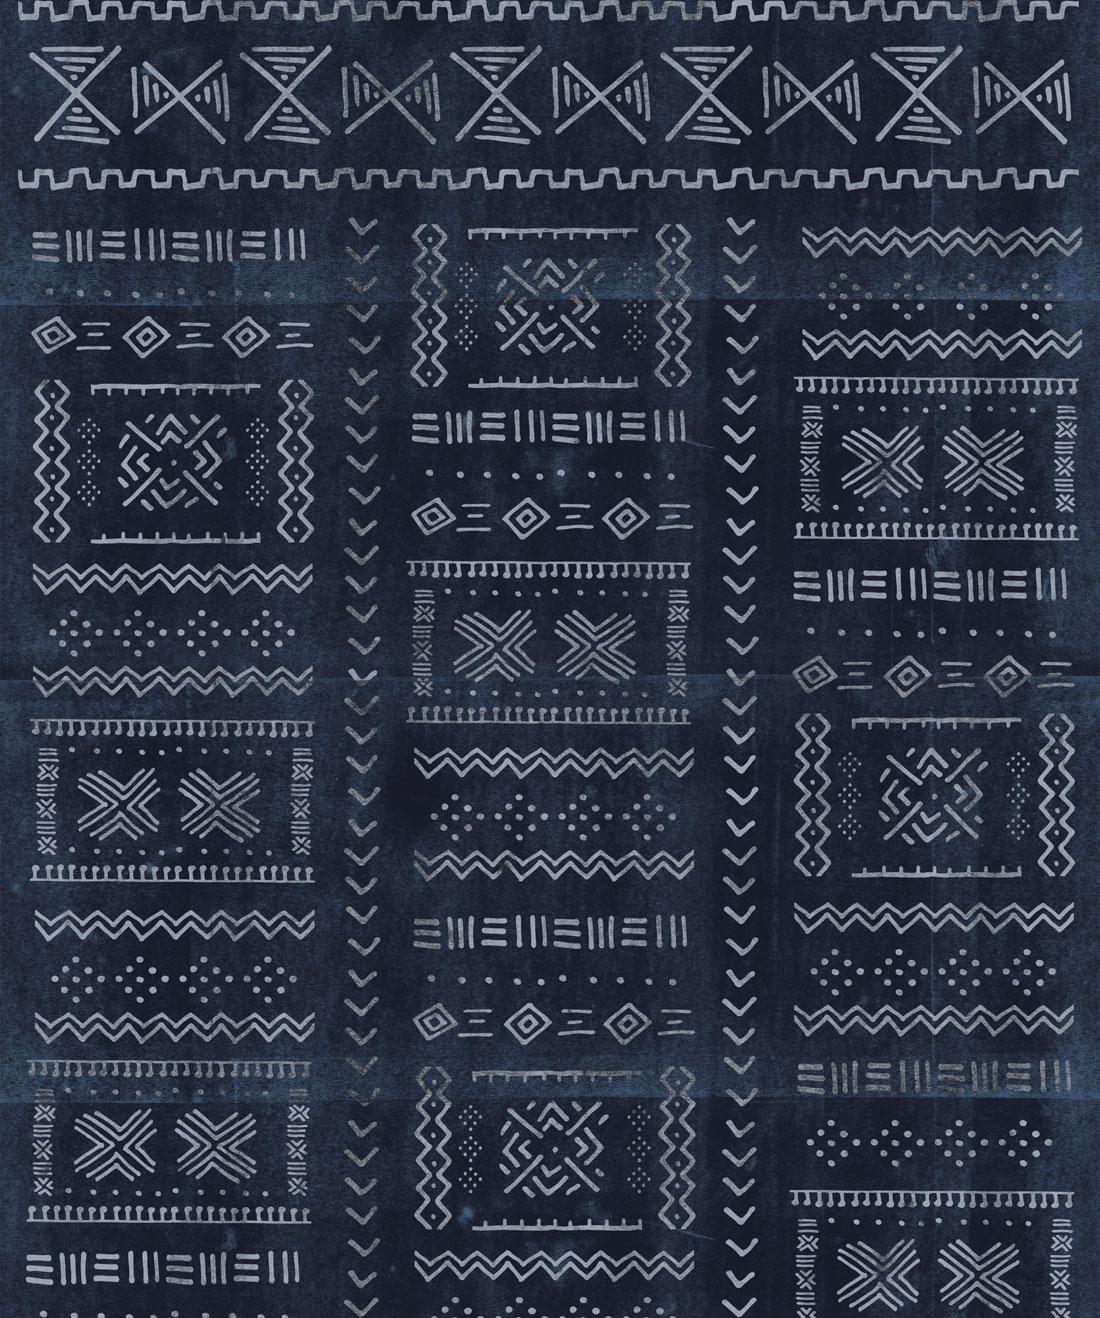 Tribal Mud Wallpaper